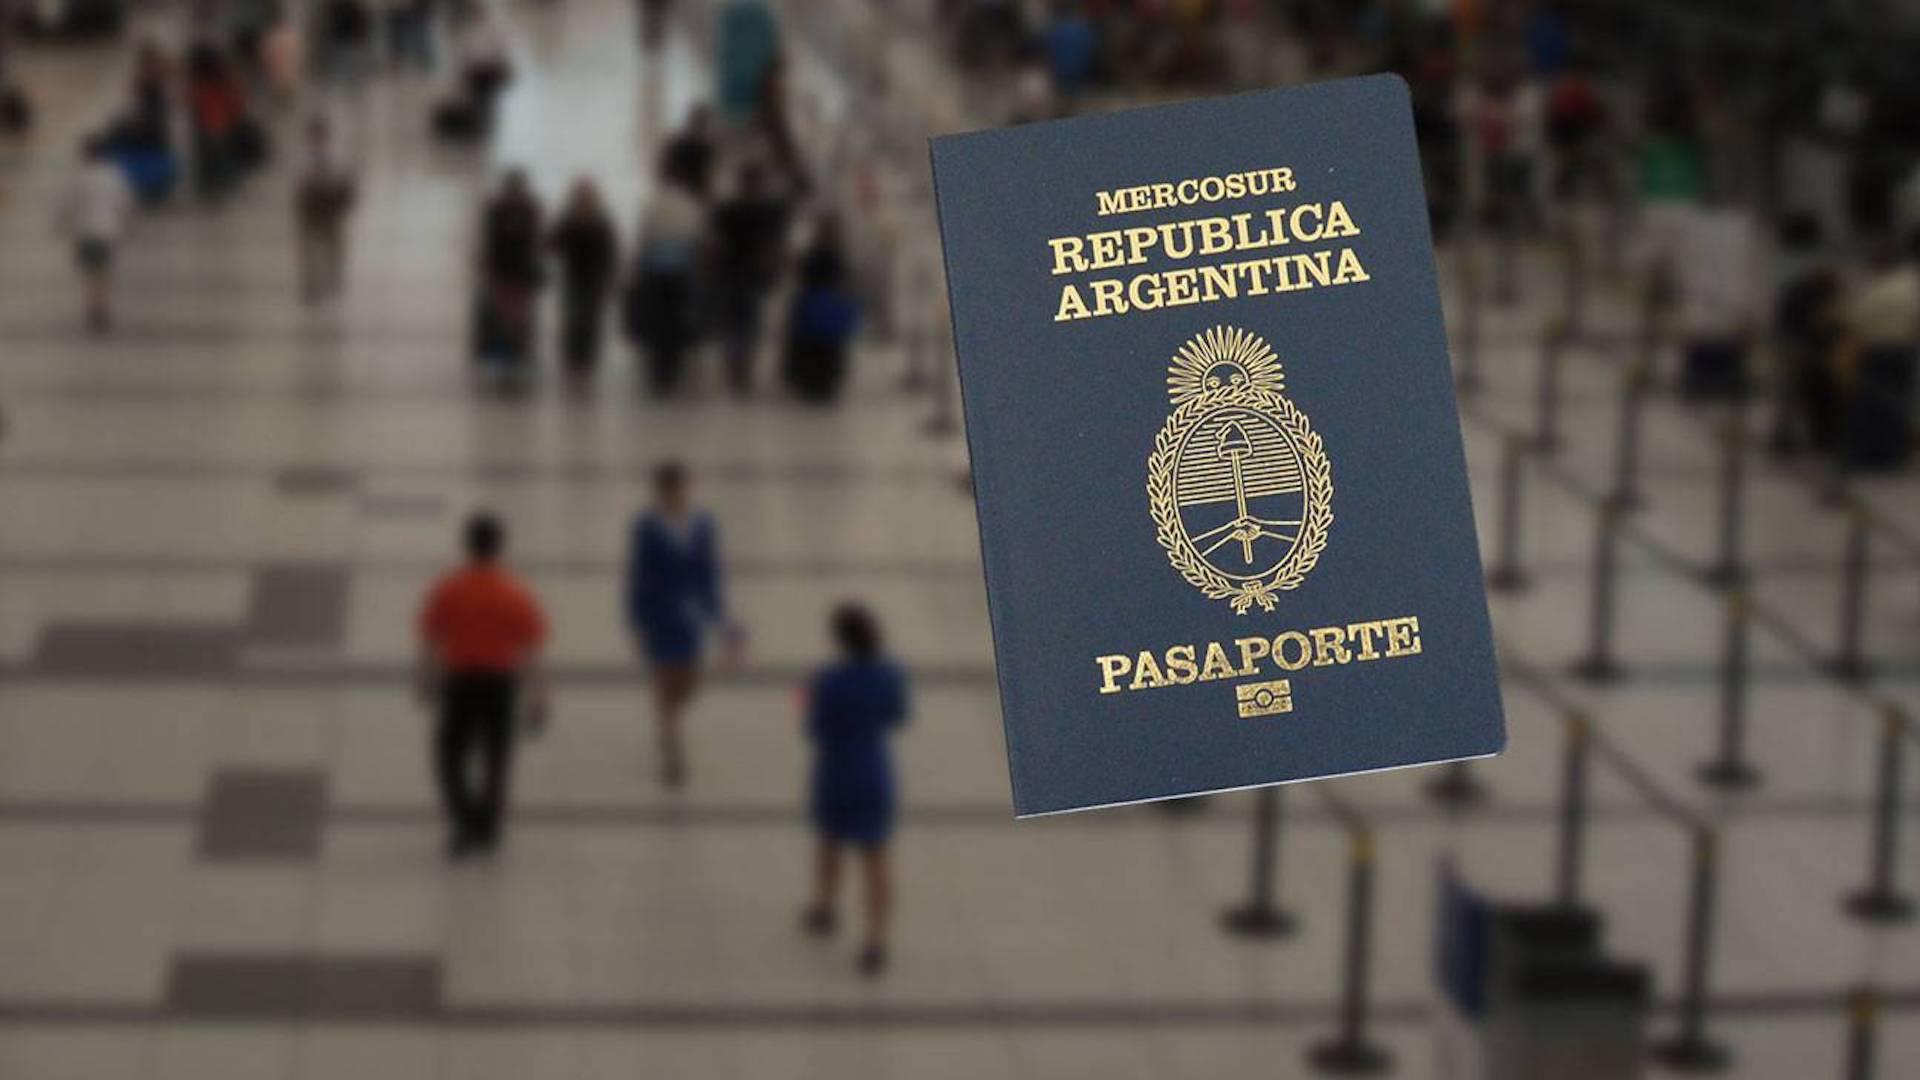 Pasaporte argentino: ¿a qué países se puede viajar sin visa?